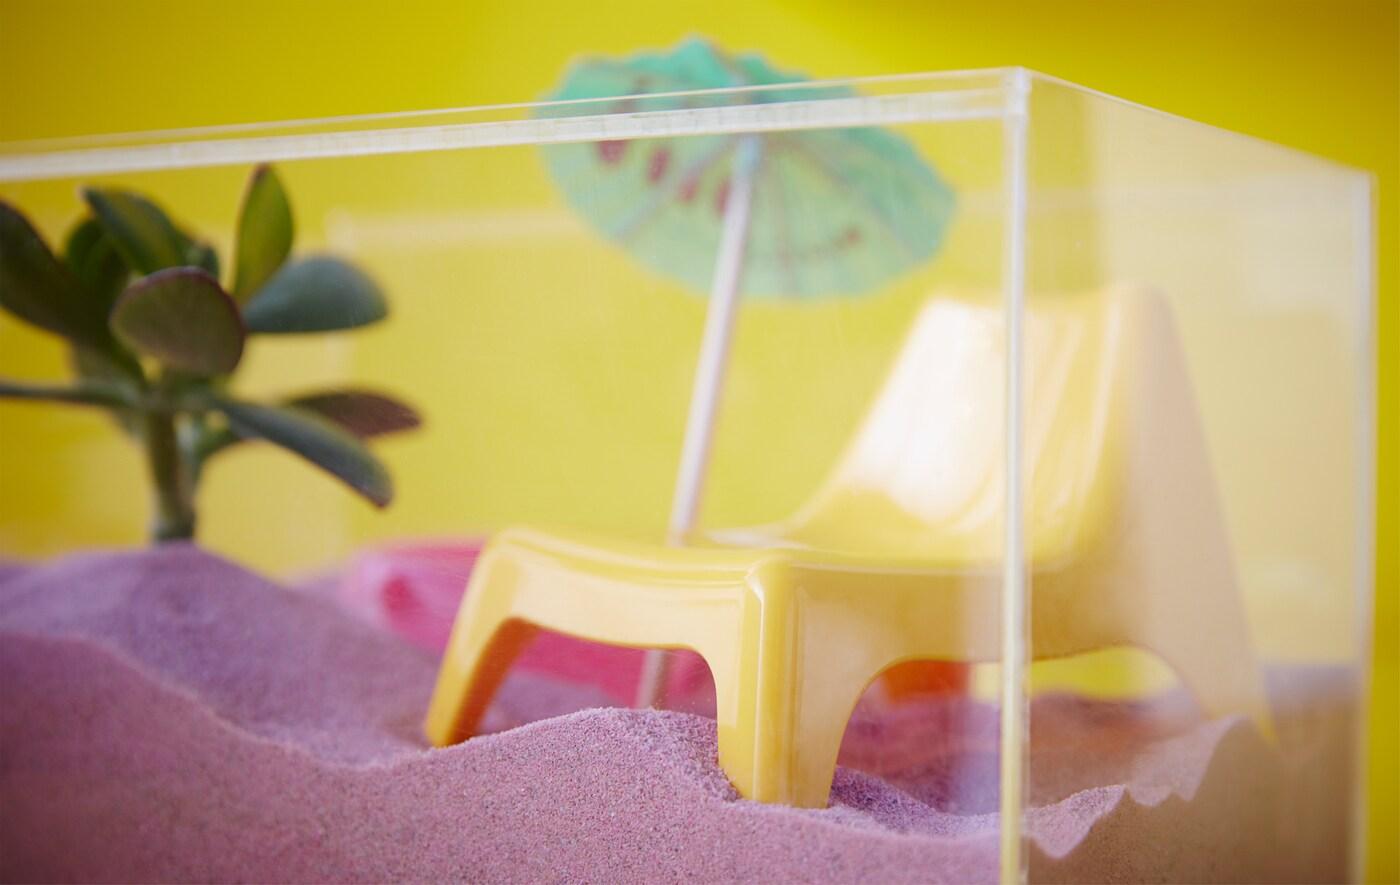 イケアのBJÖRNARP/ビョーナルプなどのアクリル製ディスプレイボックスを使って、ミニサイズのビーチボックスをつくってみてはいかが?箱の中に砂(ピンクの砂でもOK!)を敷き詰め、人形用の安楽椅子や鉢植え、ドリンクアンブレラ(飲み物に飾るミニサイズの傘)を飾ってもよいですね。